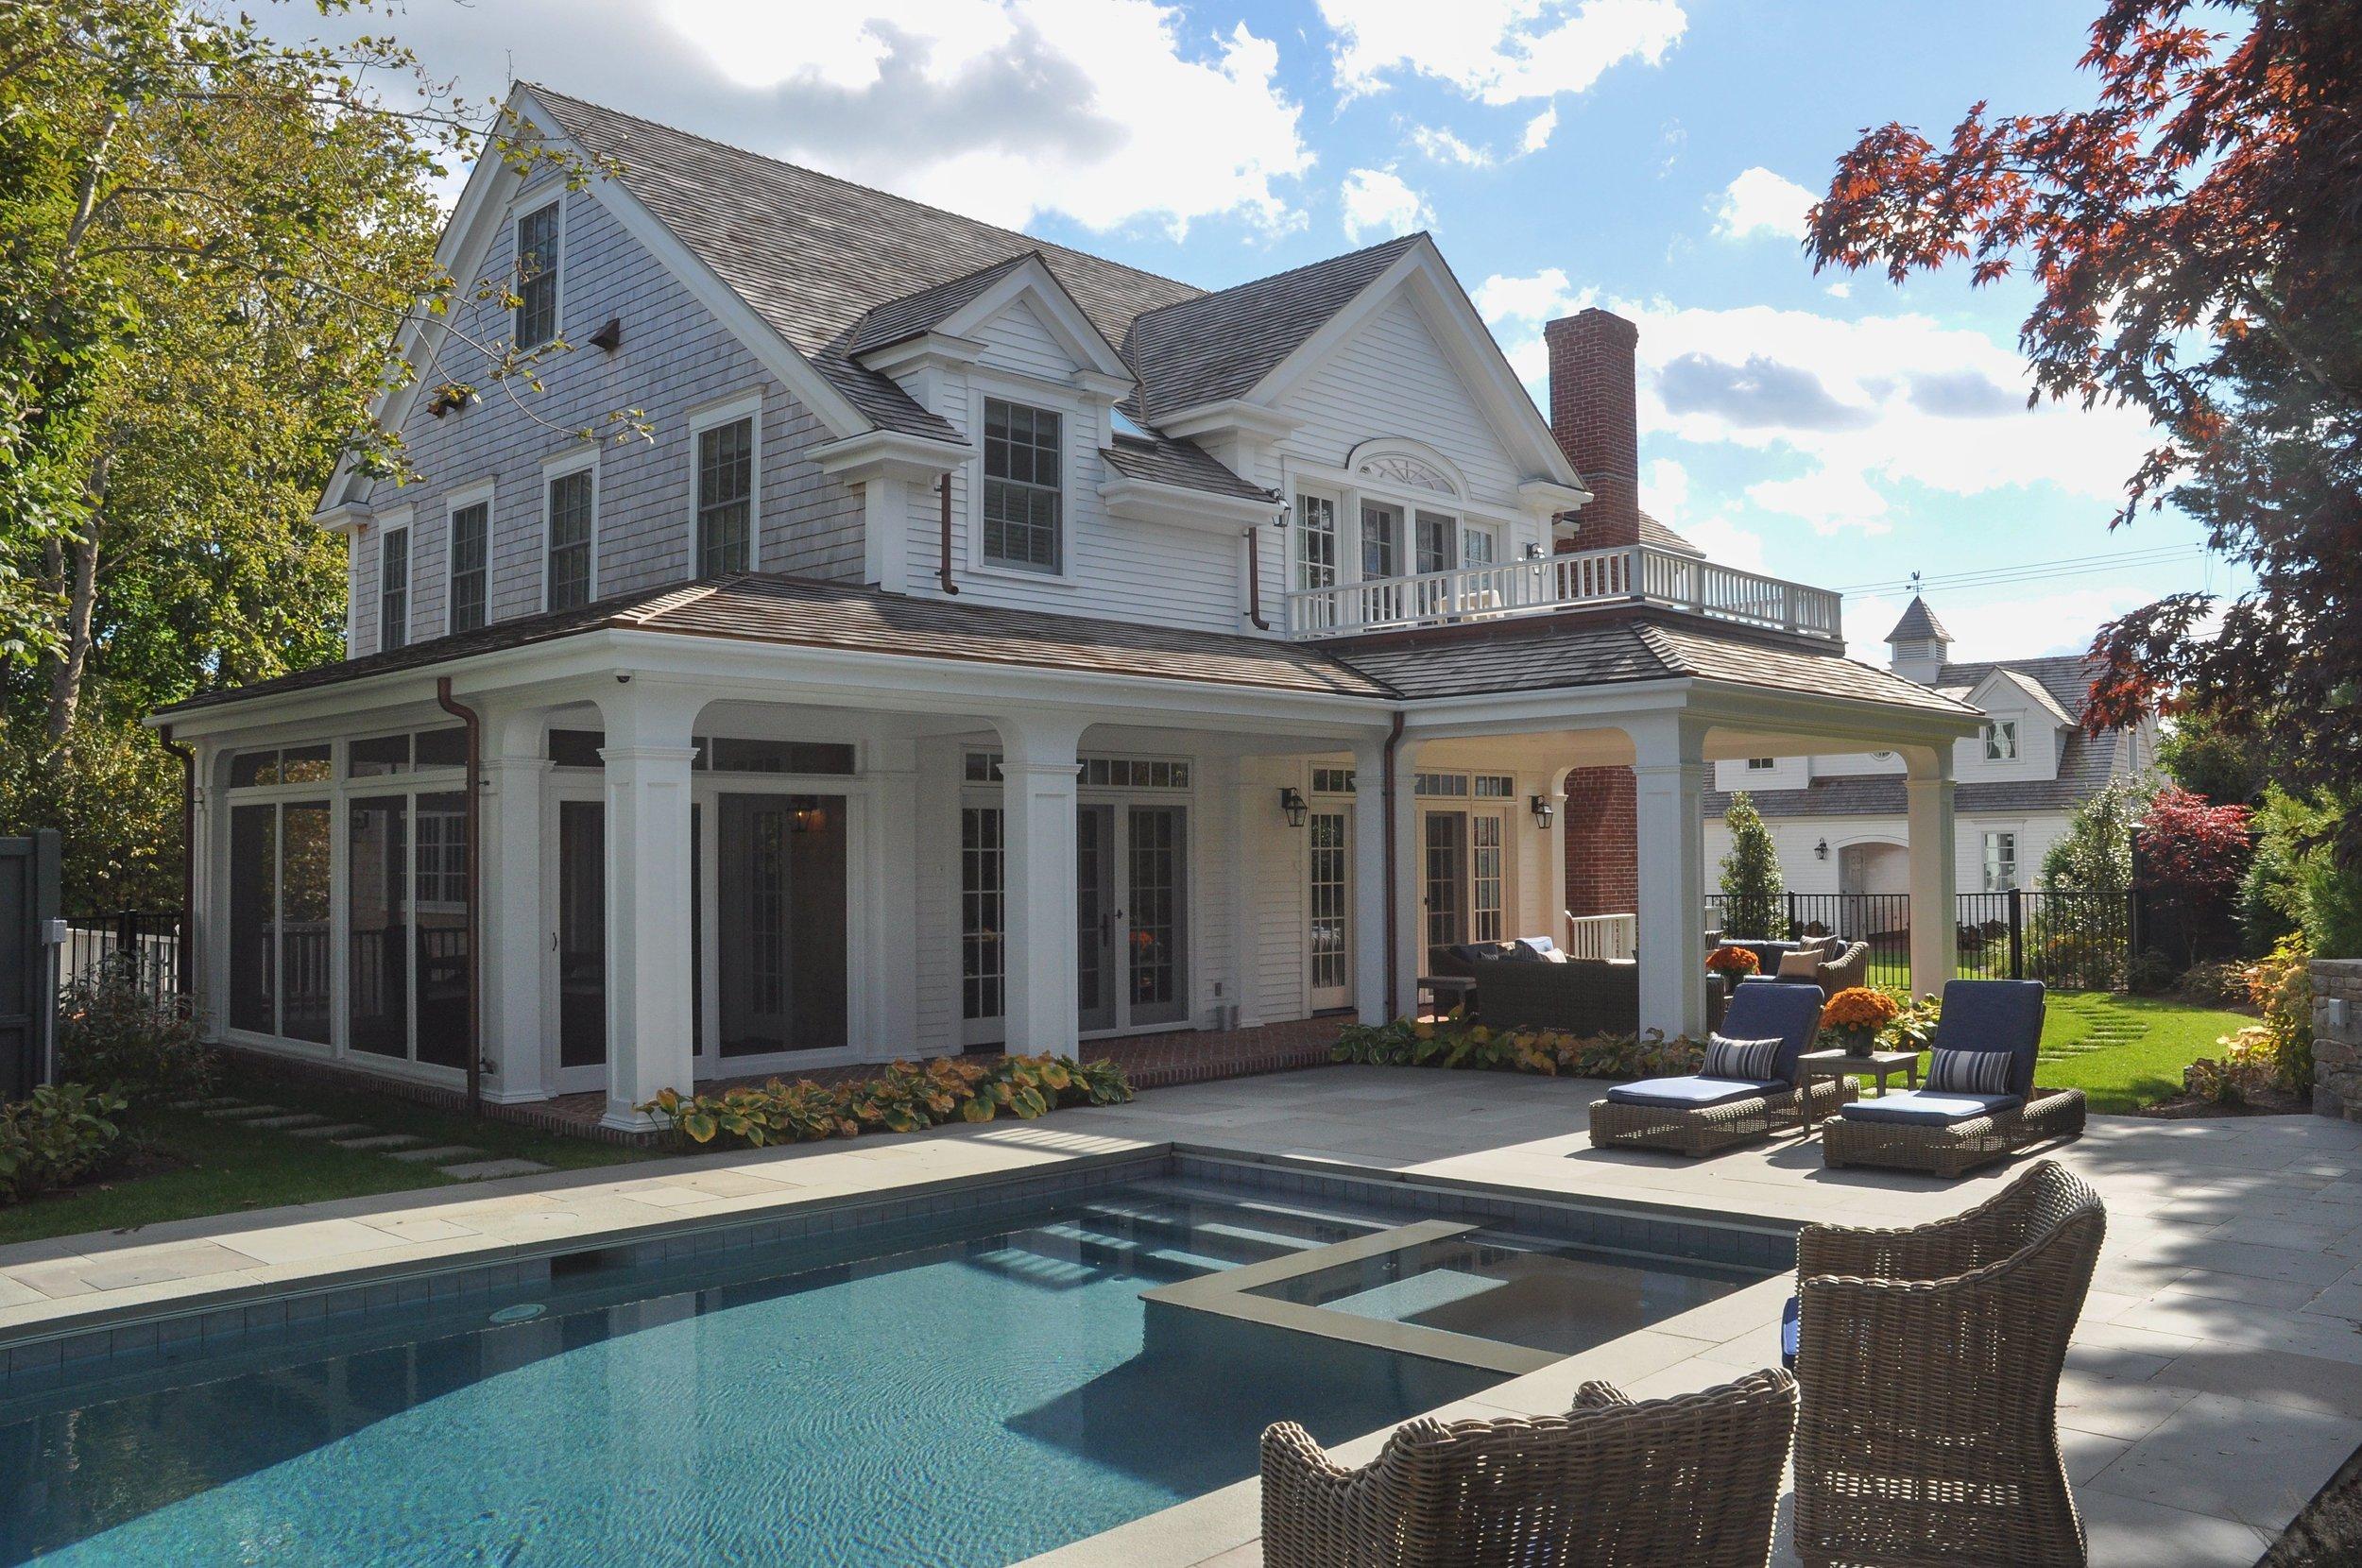 Greek_Revival_House_Pool_Outdoor_Seating.jpg